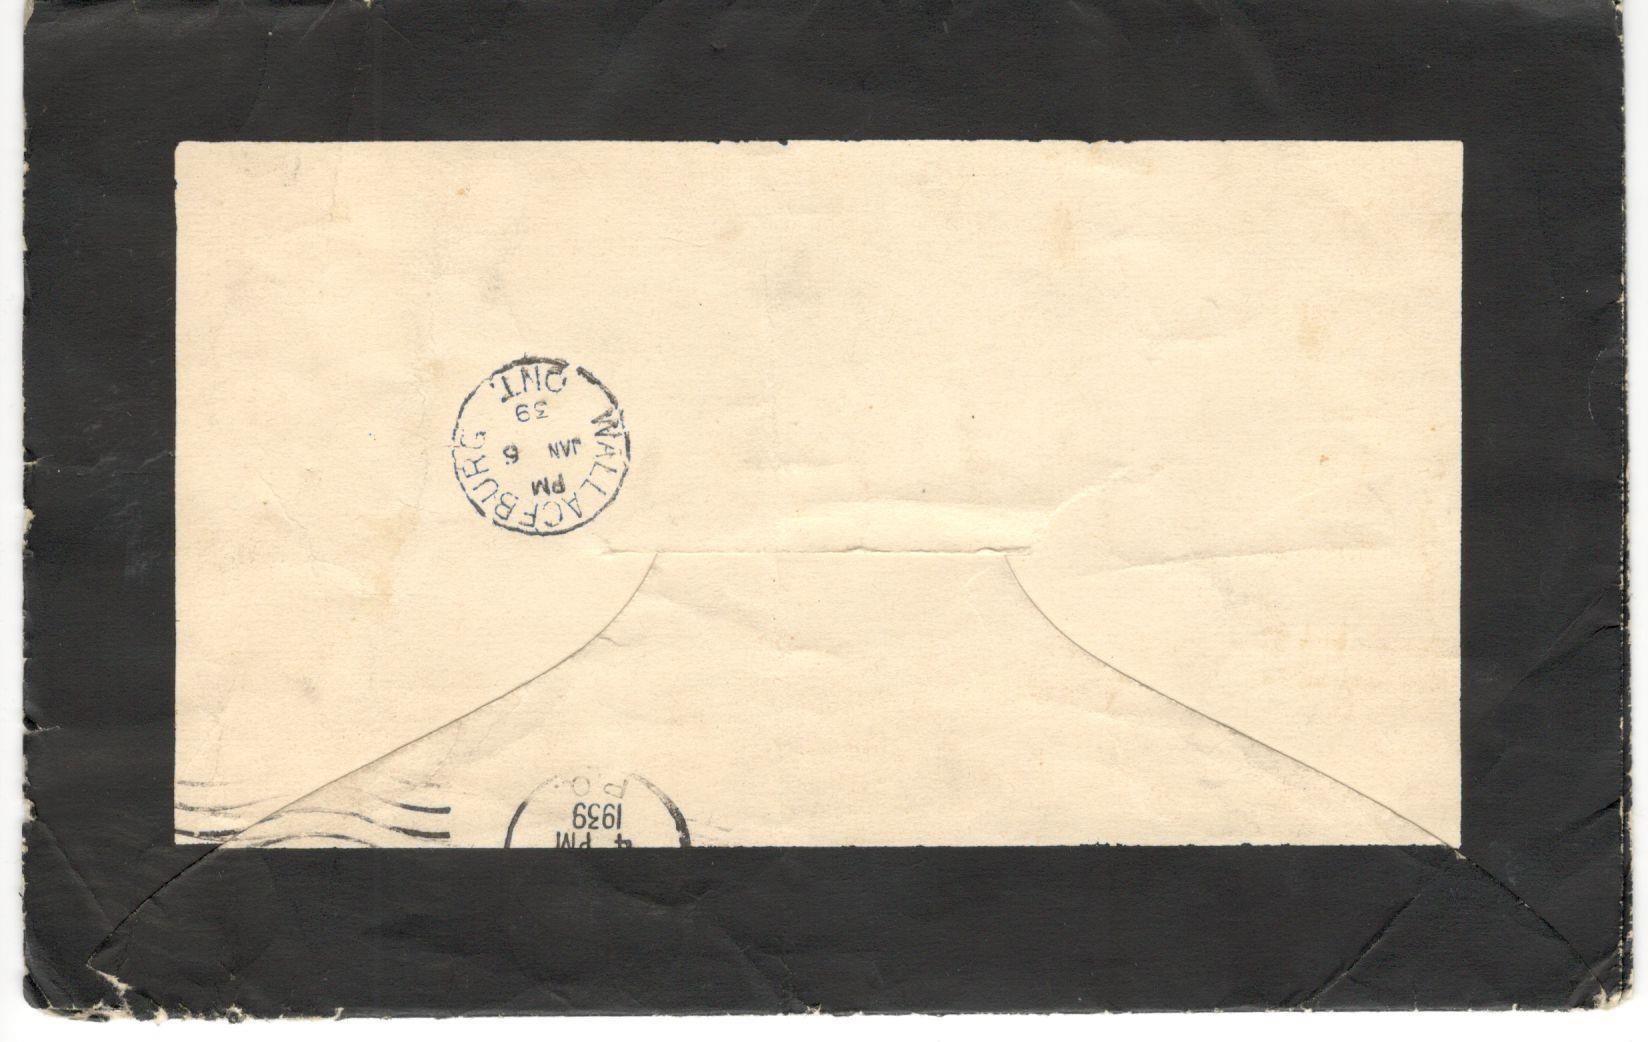 Death notice envelope 3 (2)